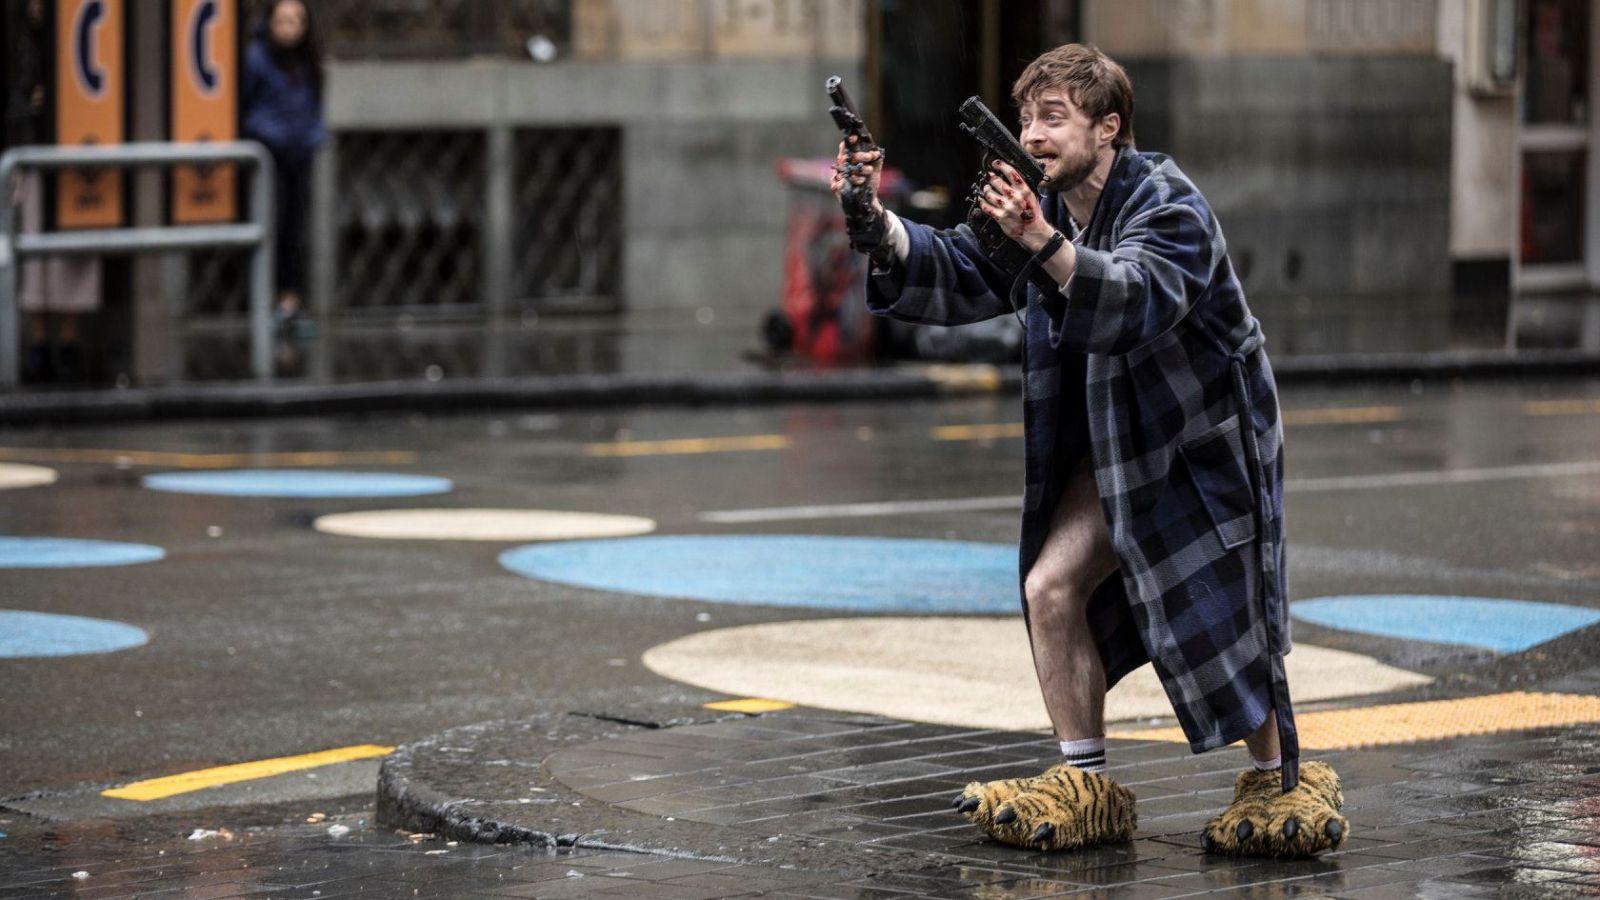 Фильмы-новинки из жанра комедии, вышедшие под конец 2019 и начало 2020 года